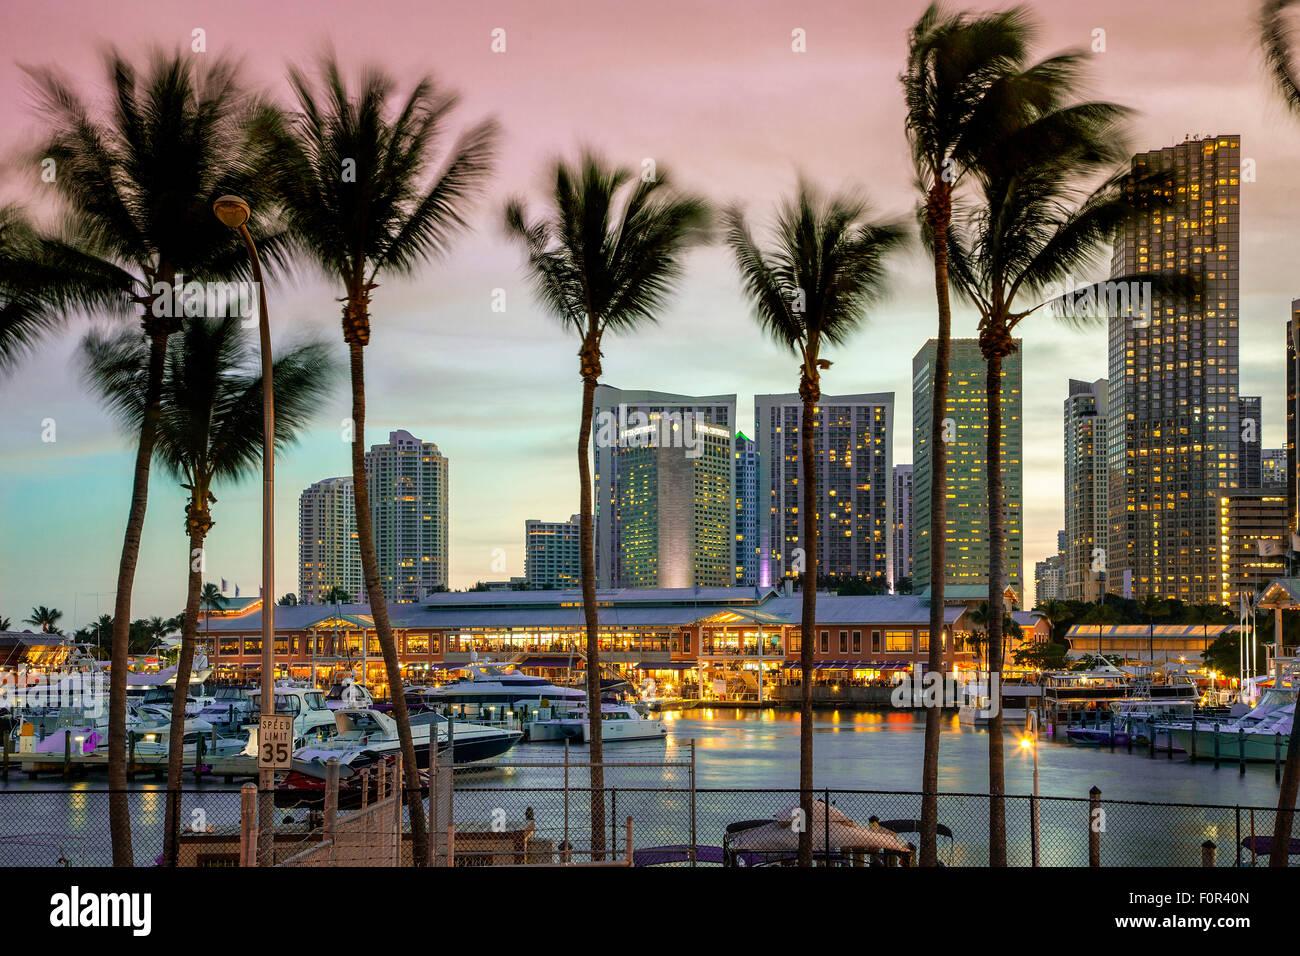 Miami, Bayside Mall al crepuscolo Immagini Stock